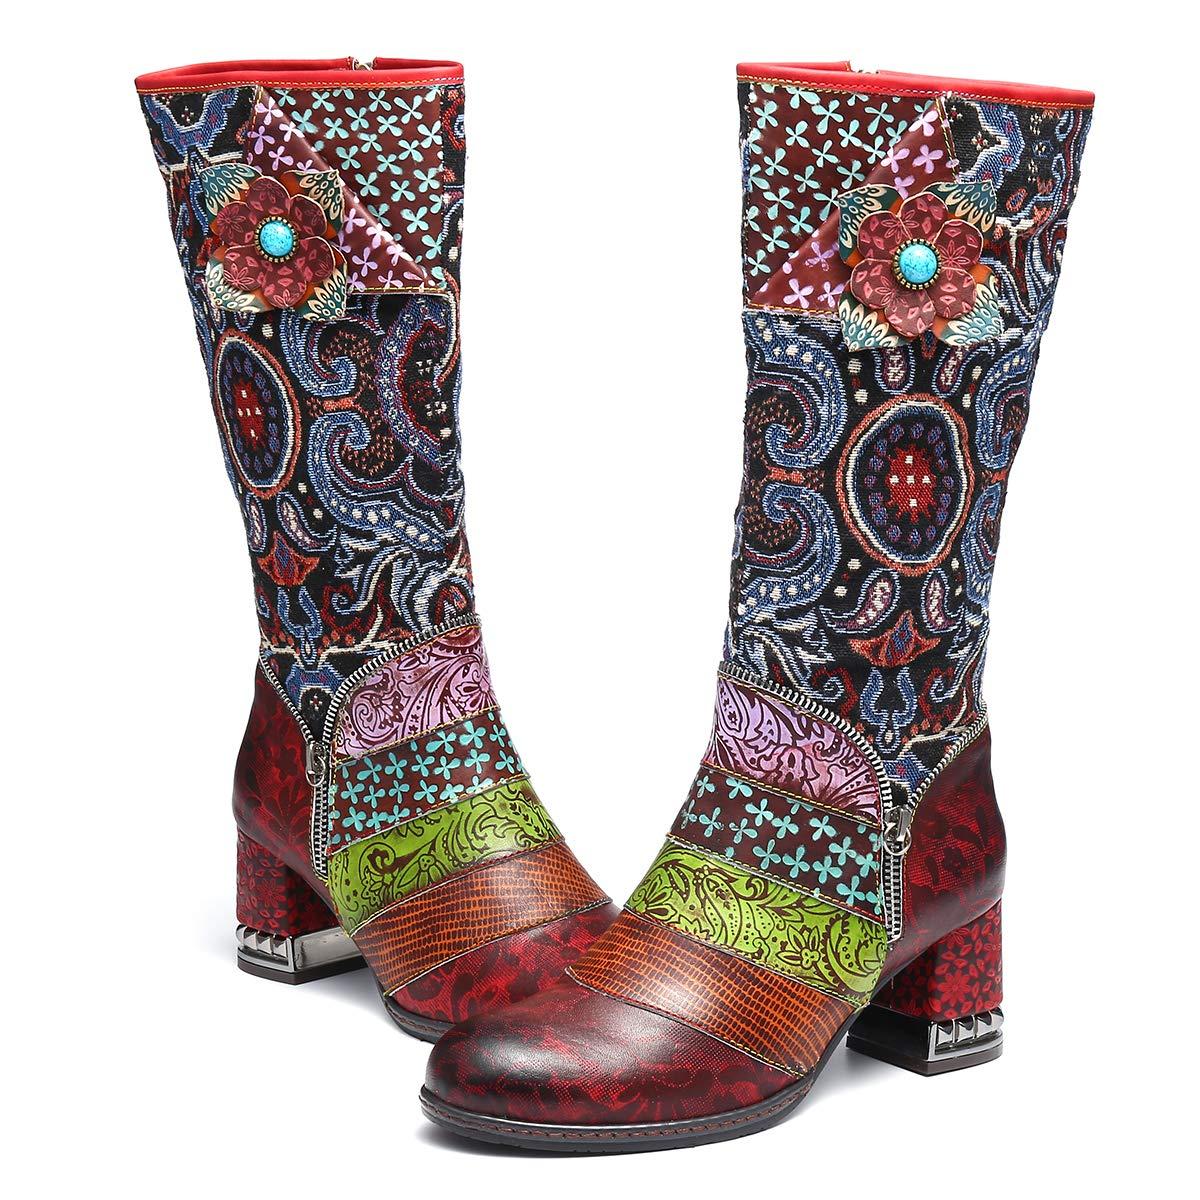 Botas Altas para Mujer Cuero de Invierno, Camfosy City Shoes con Piel de Tacó n Alto Có modos Botines Rojos Cá lidos para Mujer Colorees Bohemios Originales